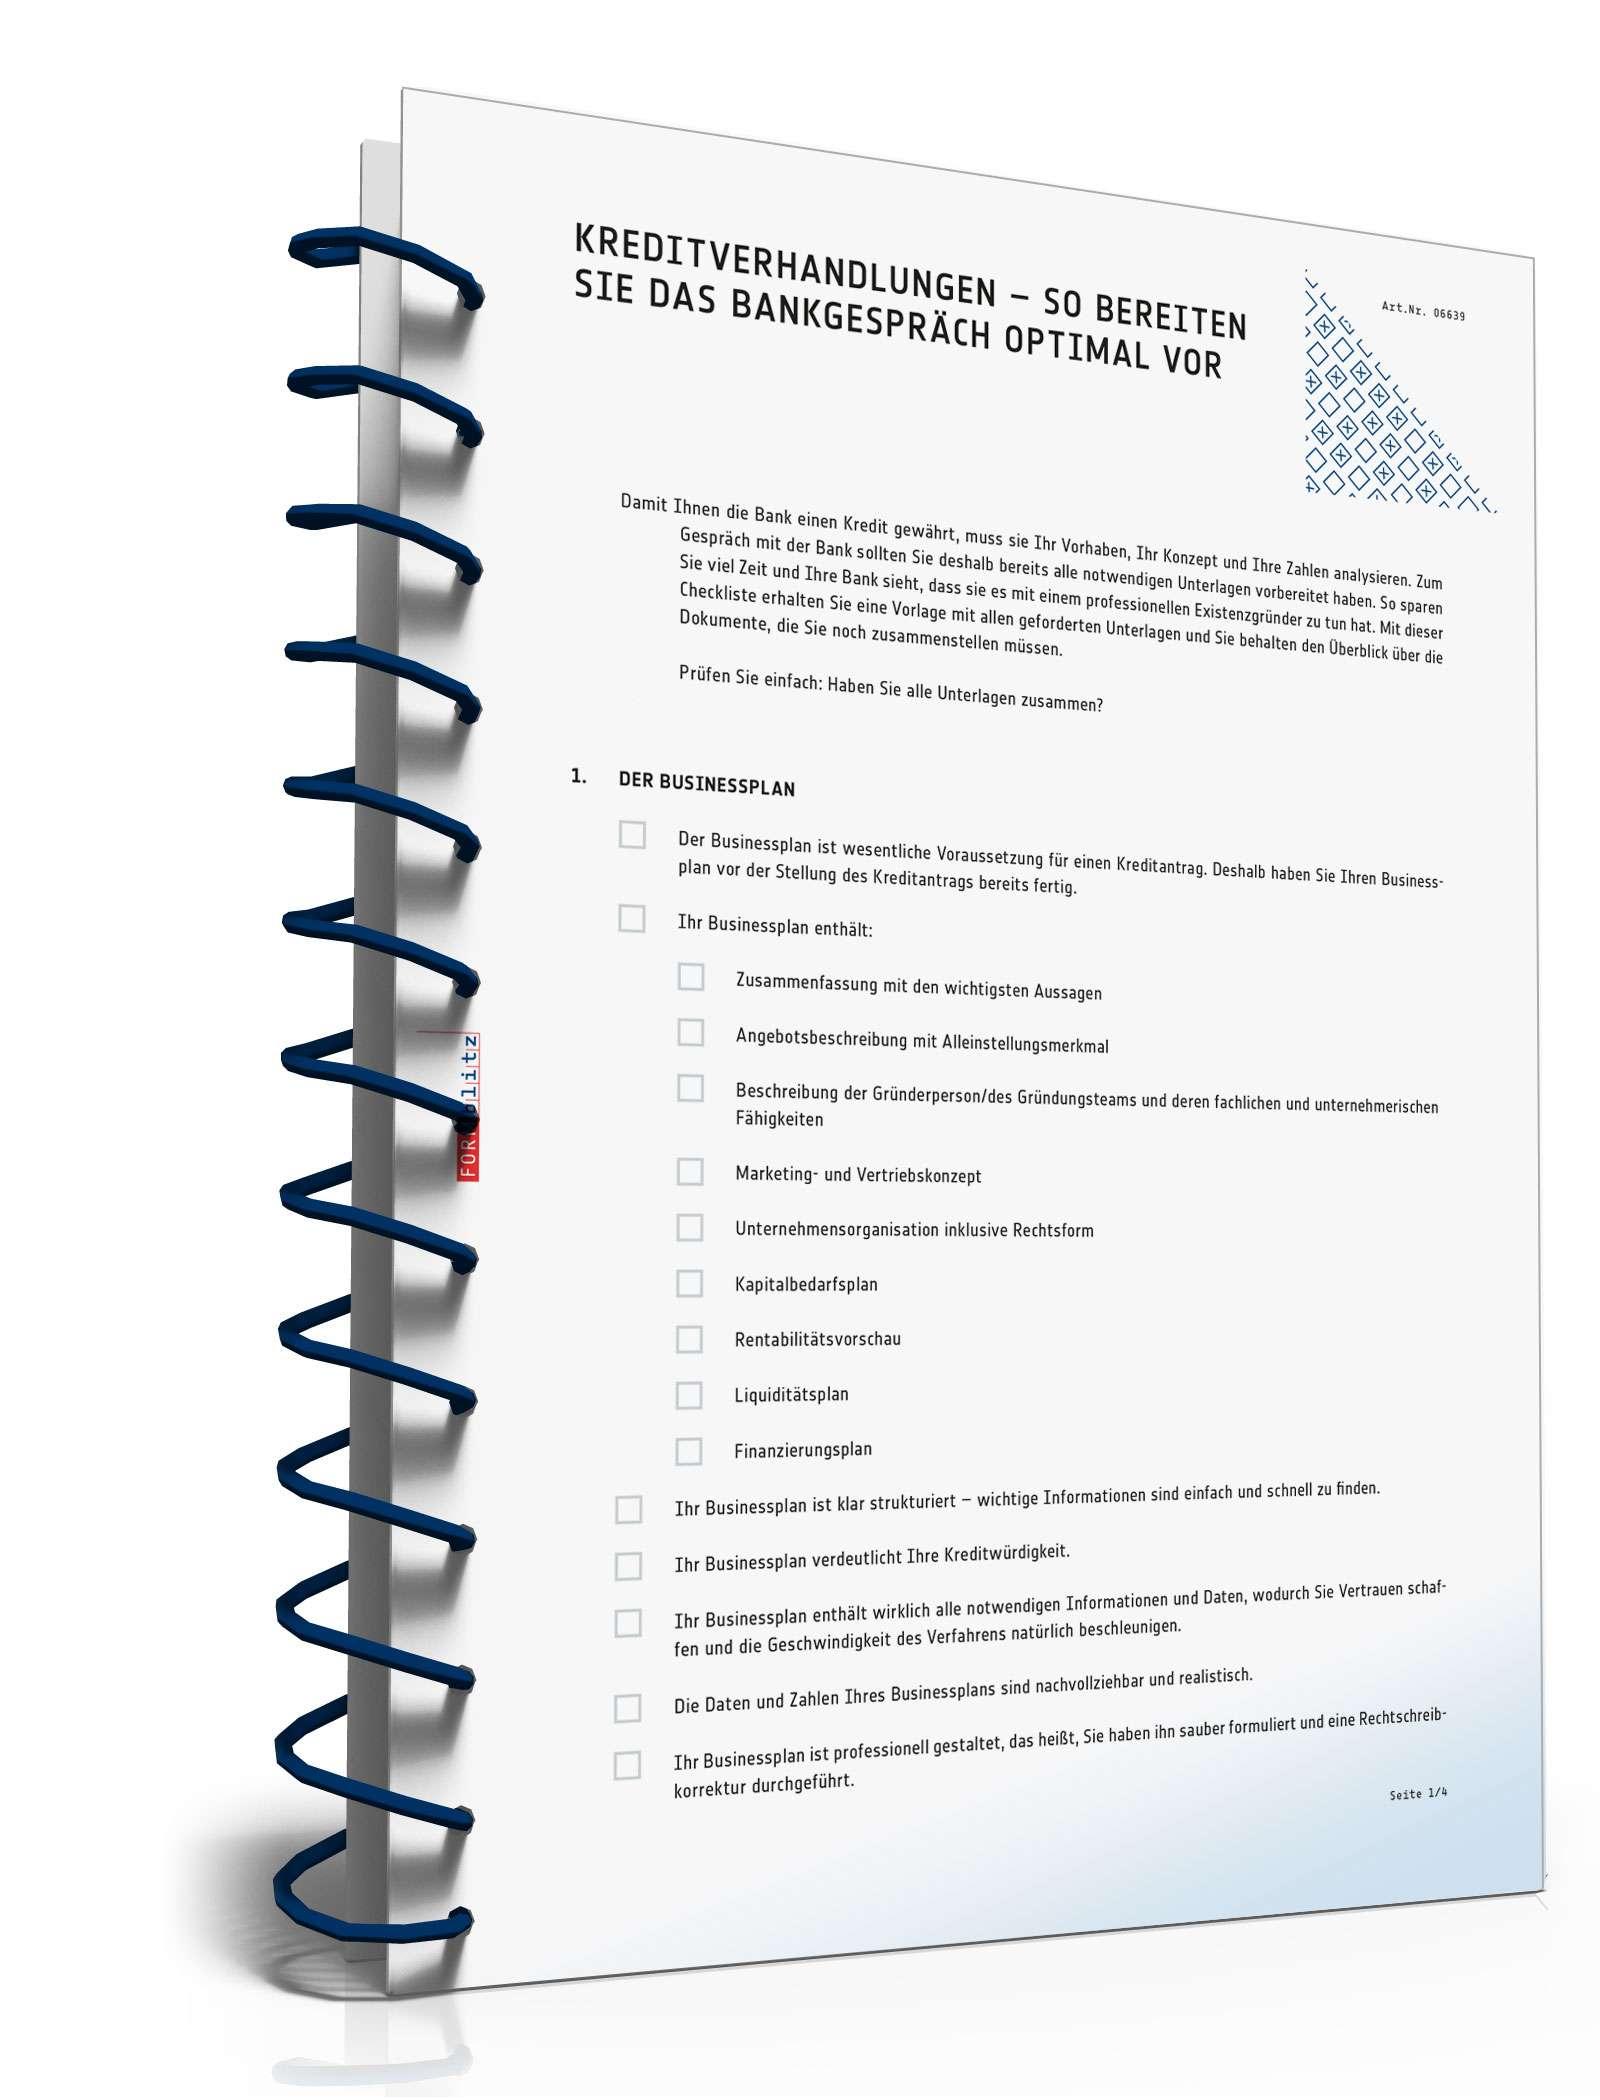 Checkliste Vorbereitung Kreditverhandlung Muster Zum Download